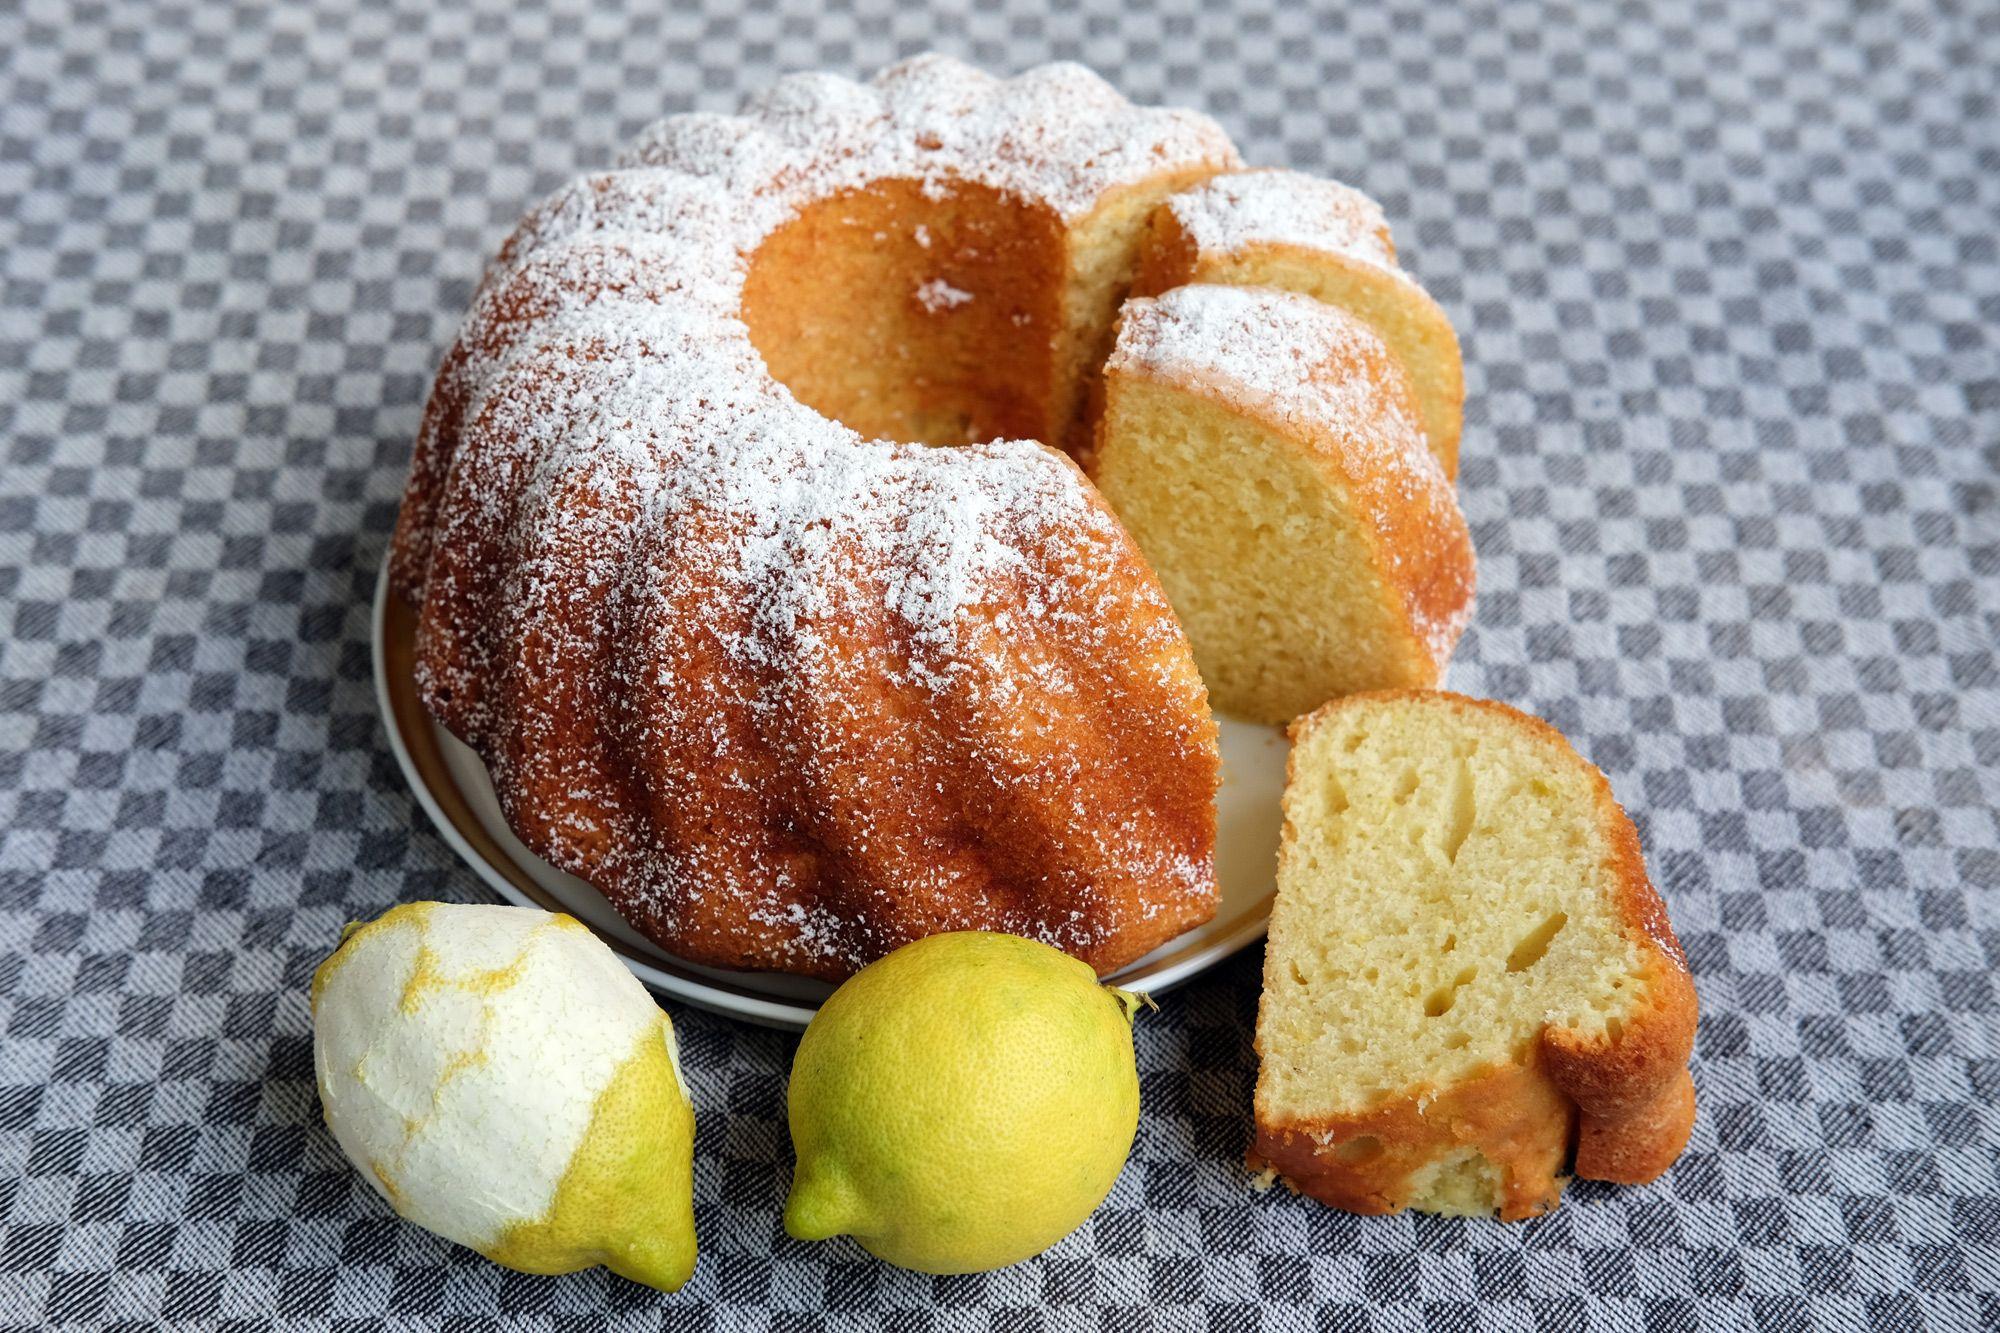 Zitronen Joghurt Kuchen Fructosefrei Rezept Rezepte Joghurt Kuchen Fruktosefrei Rezepte